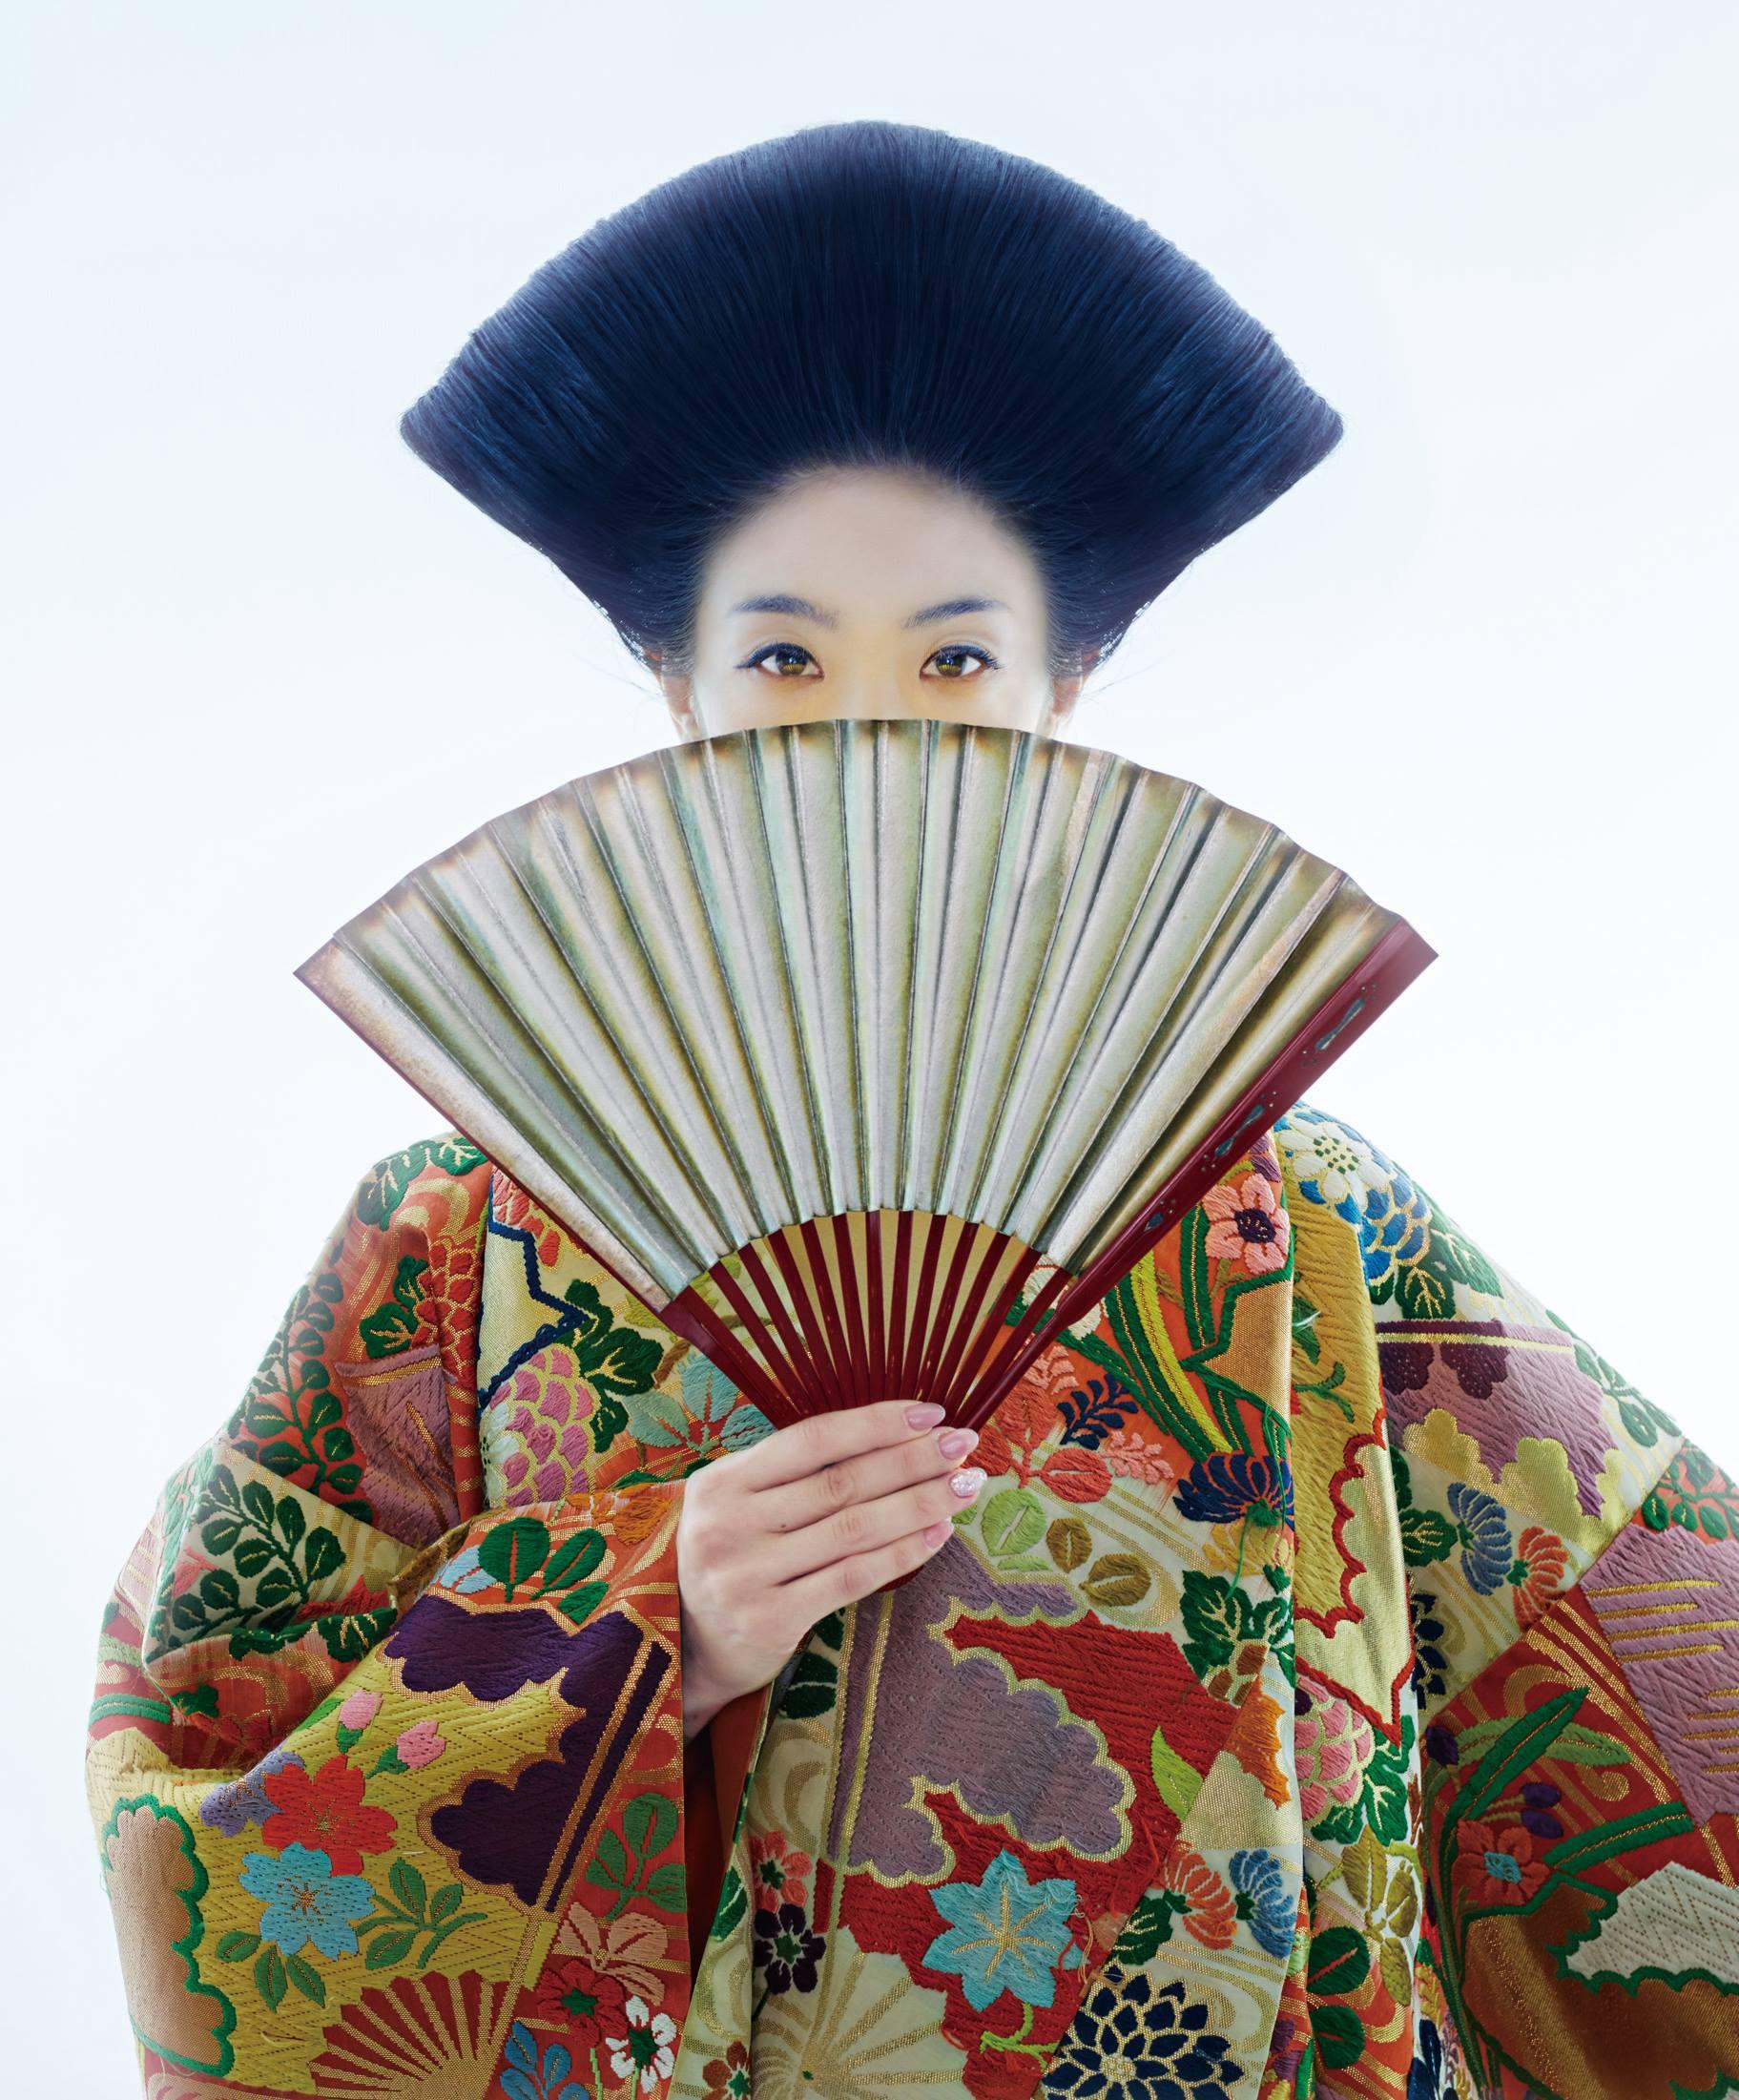 森山開次演出!コンテンポラリーダンス×能楽堂 豪華メンバーが贈る愛をめぐる一生「HANAGO-花子-